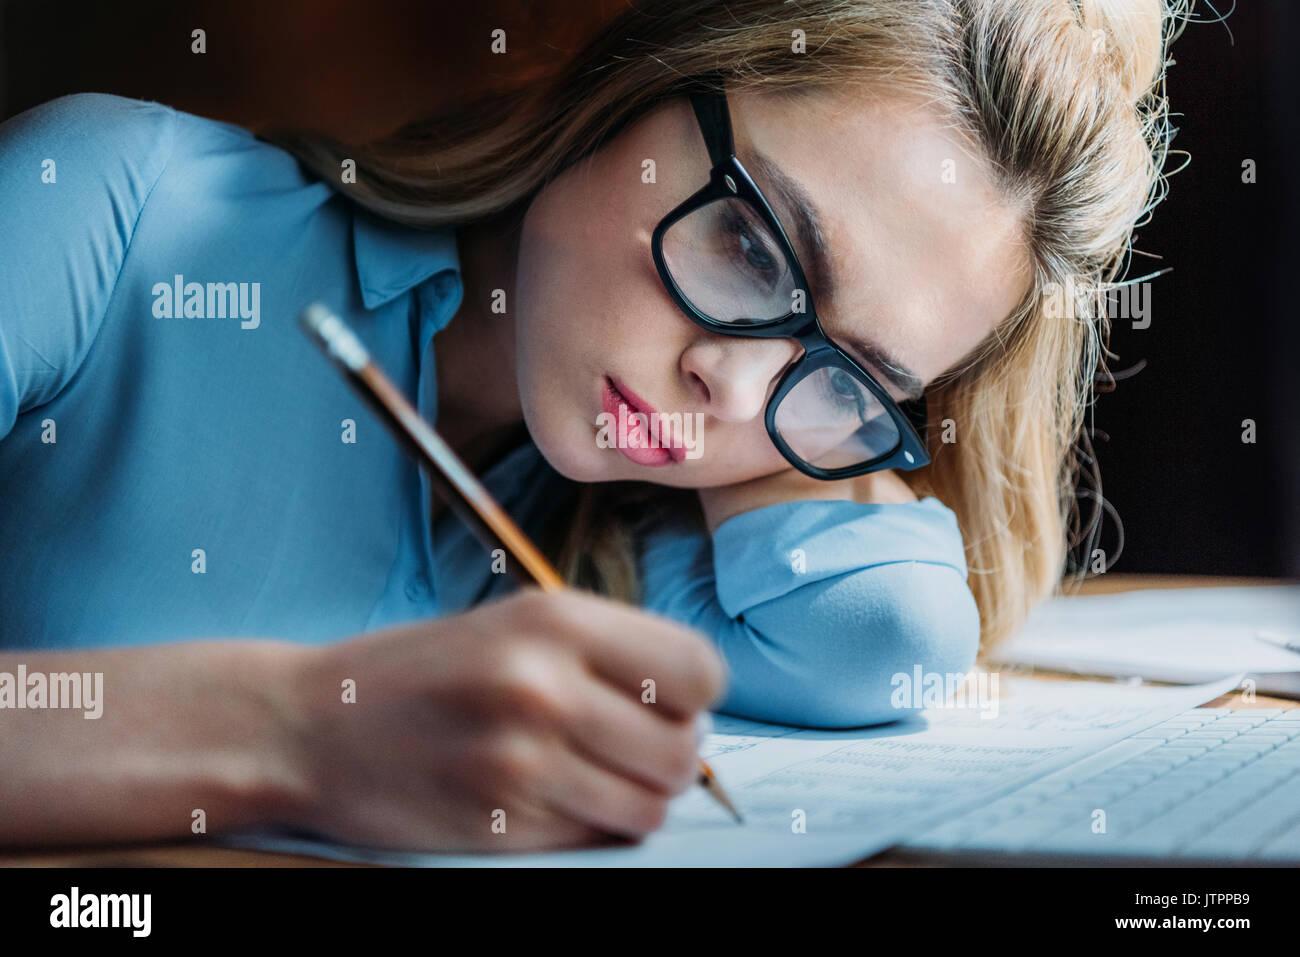 Stanco bionda studente caucasici in occhiali giacente sulla mano e scrivere qualcosa con la matita, lo studio fino a tardi Immagini Stock